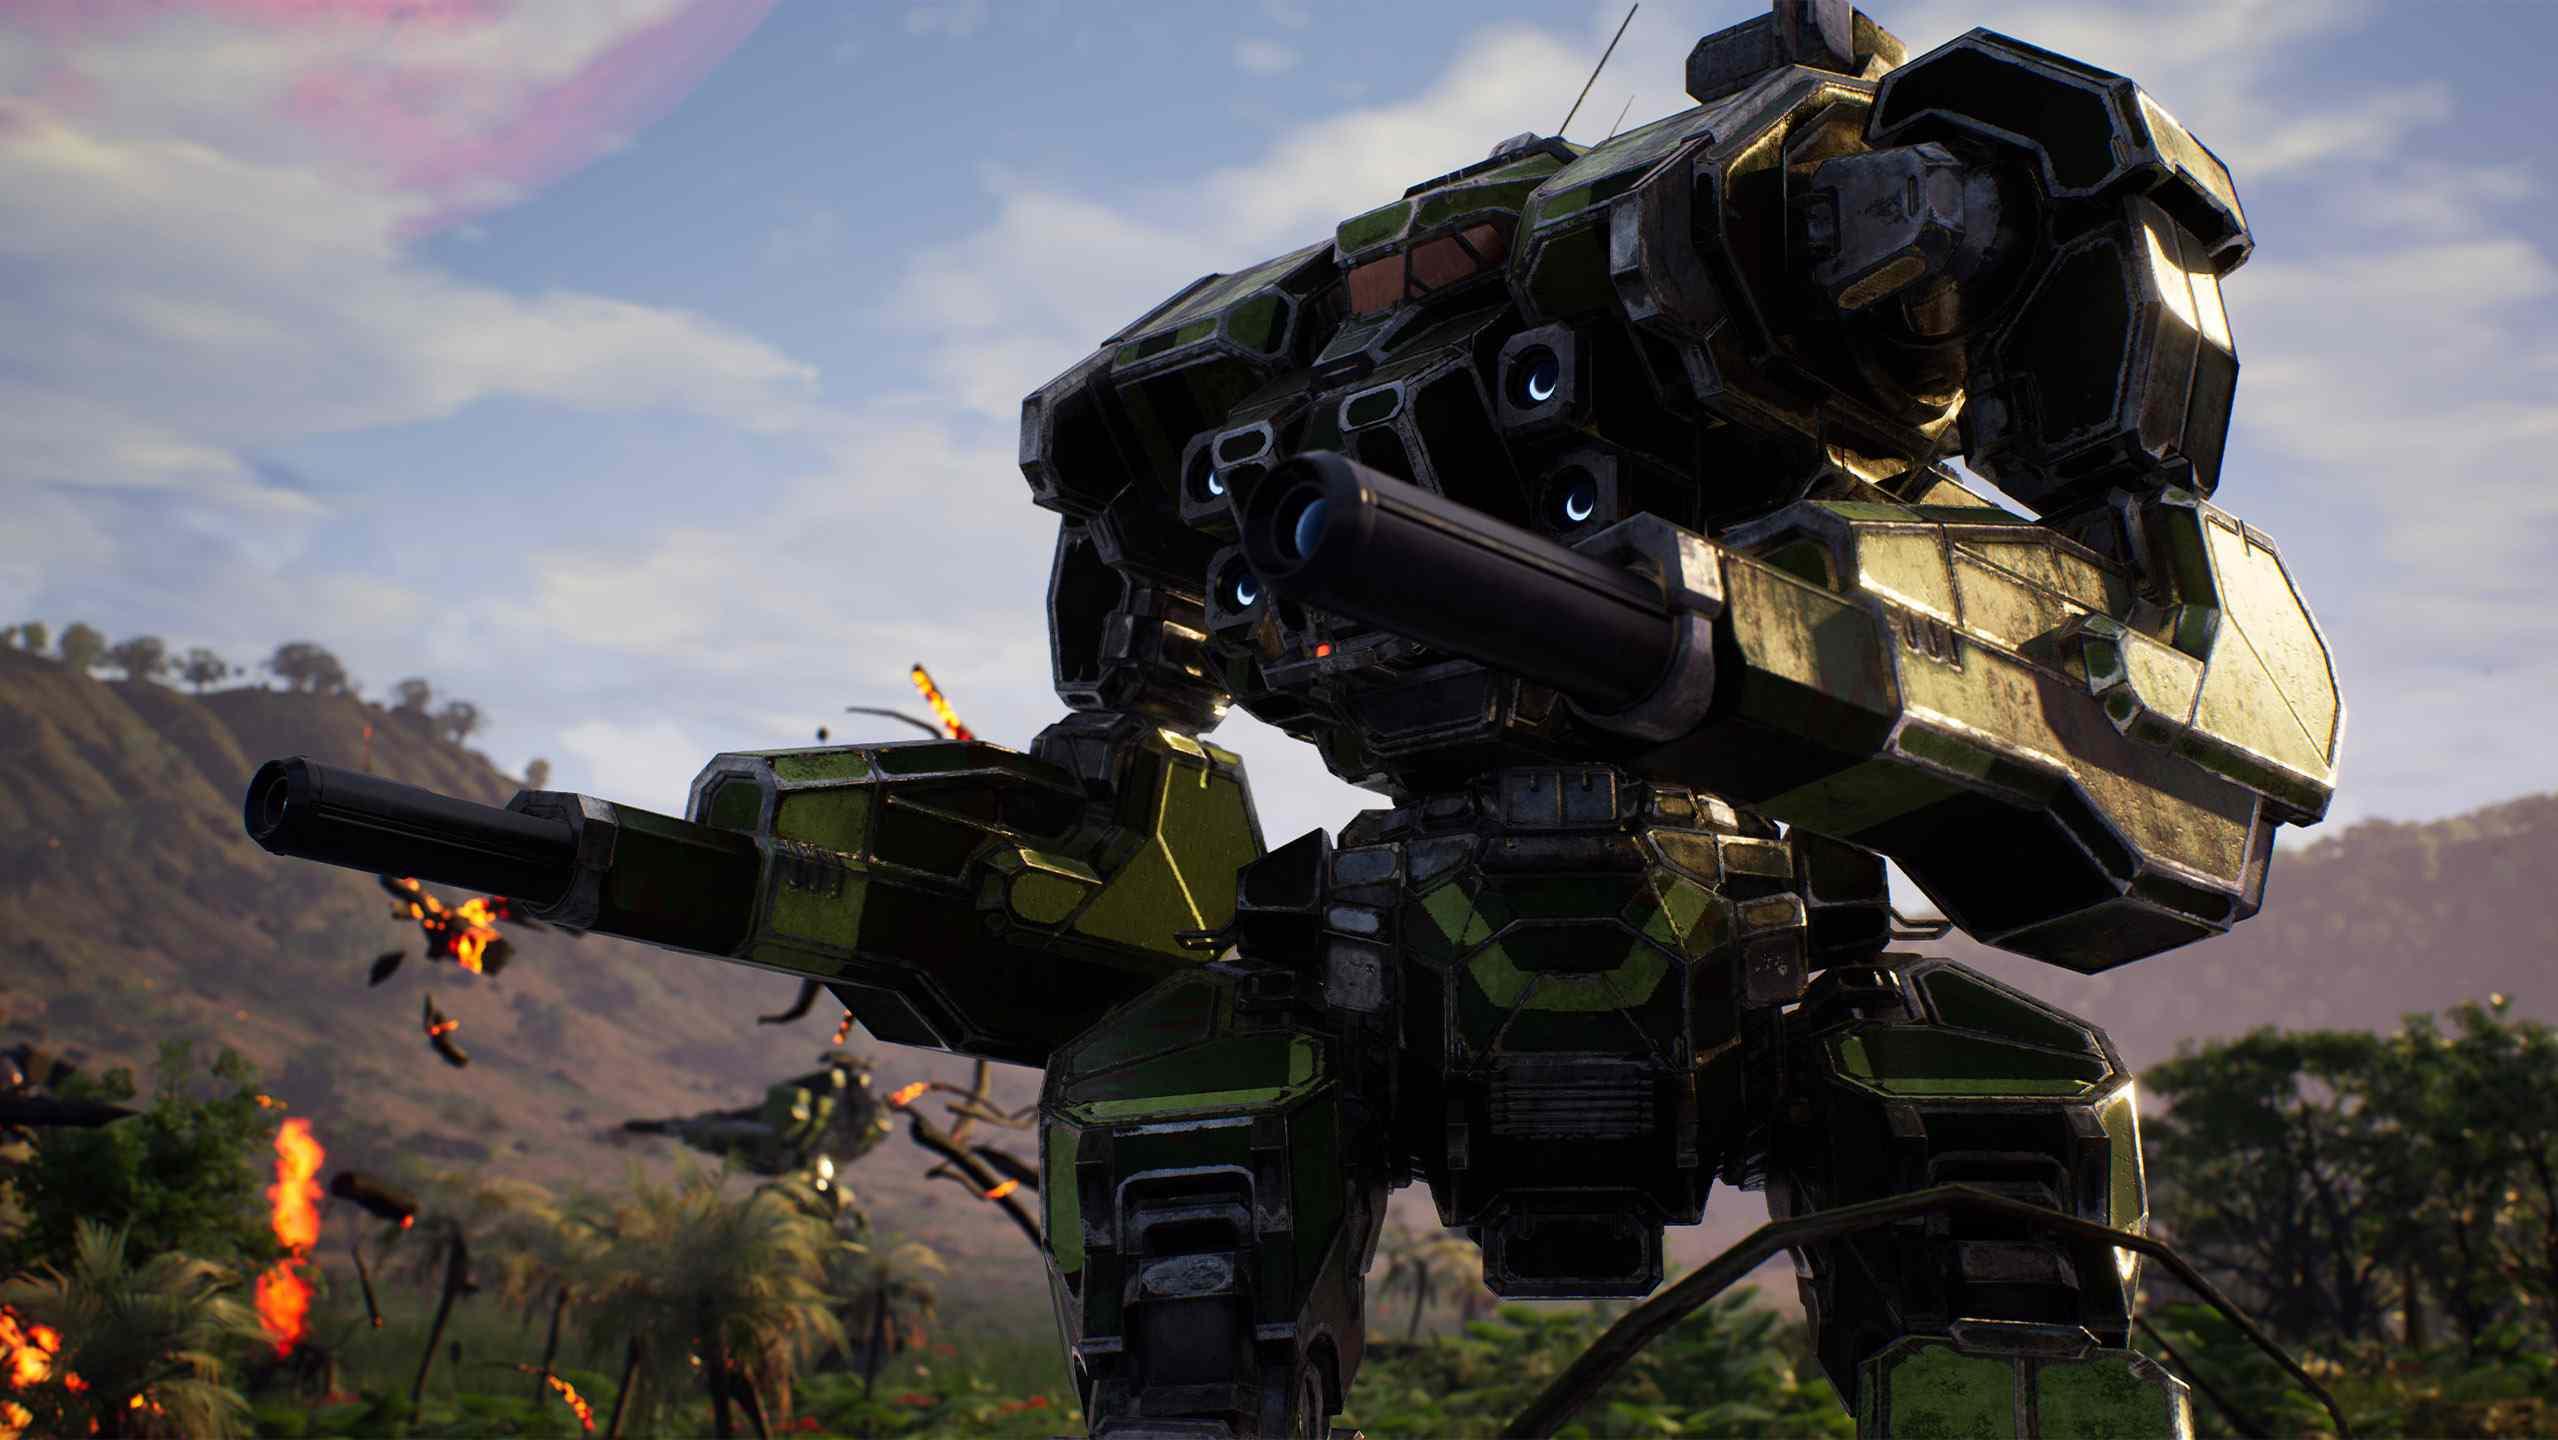 A press shot from 'MechWarrior 5: Mercenaries.'